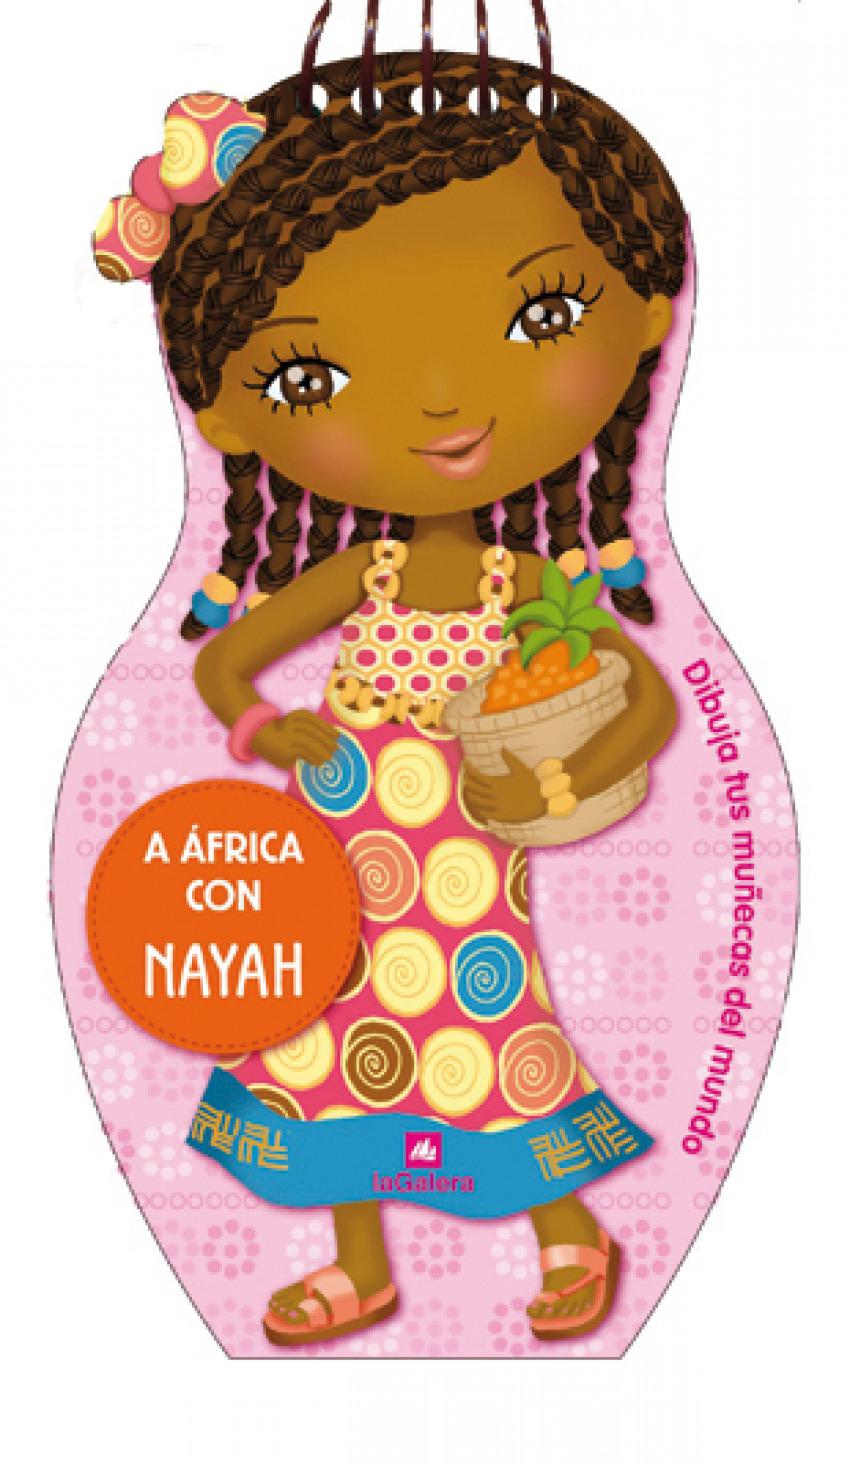 A África con Nayah